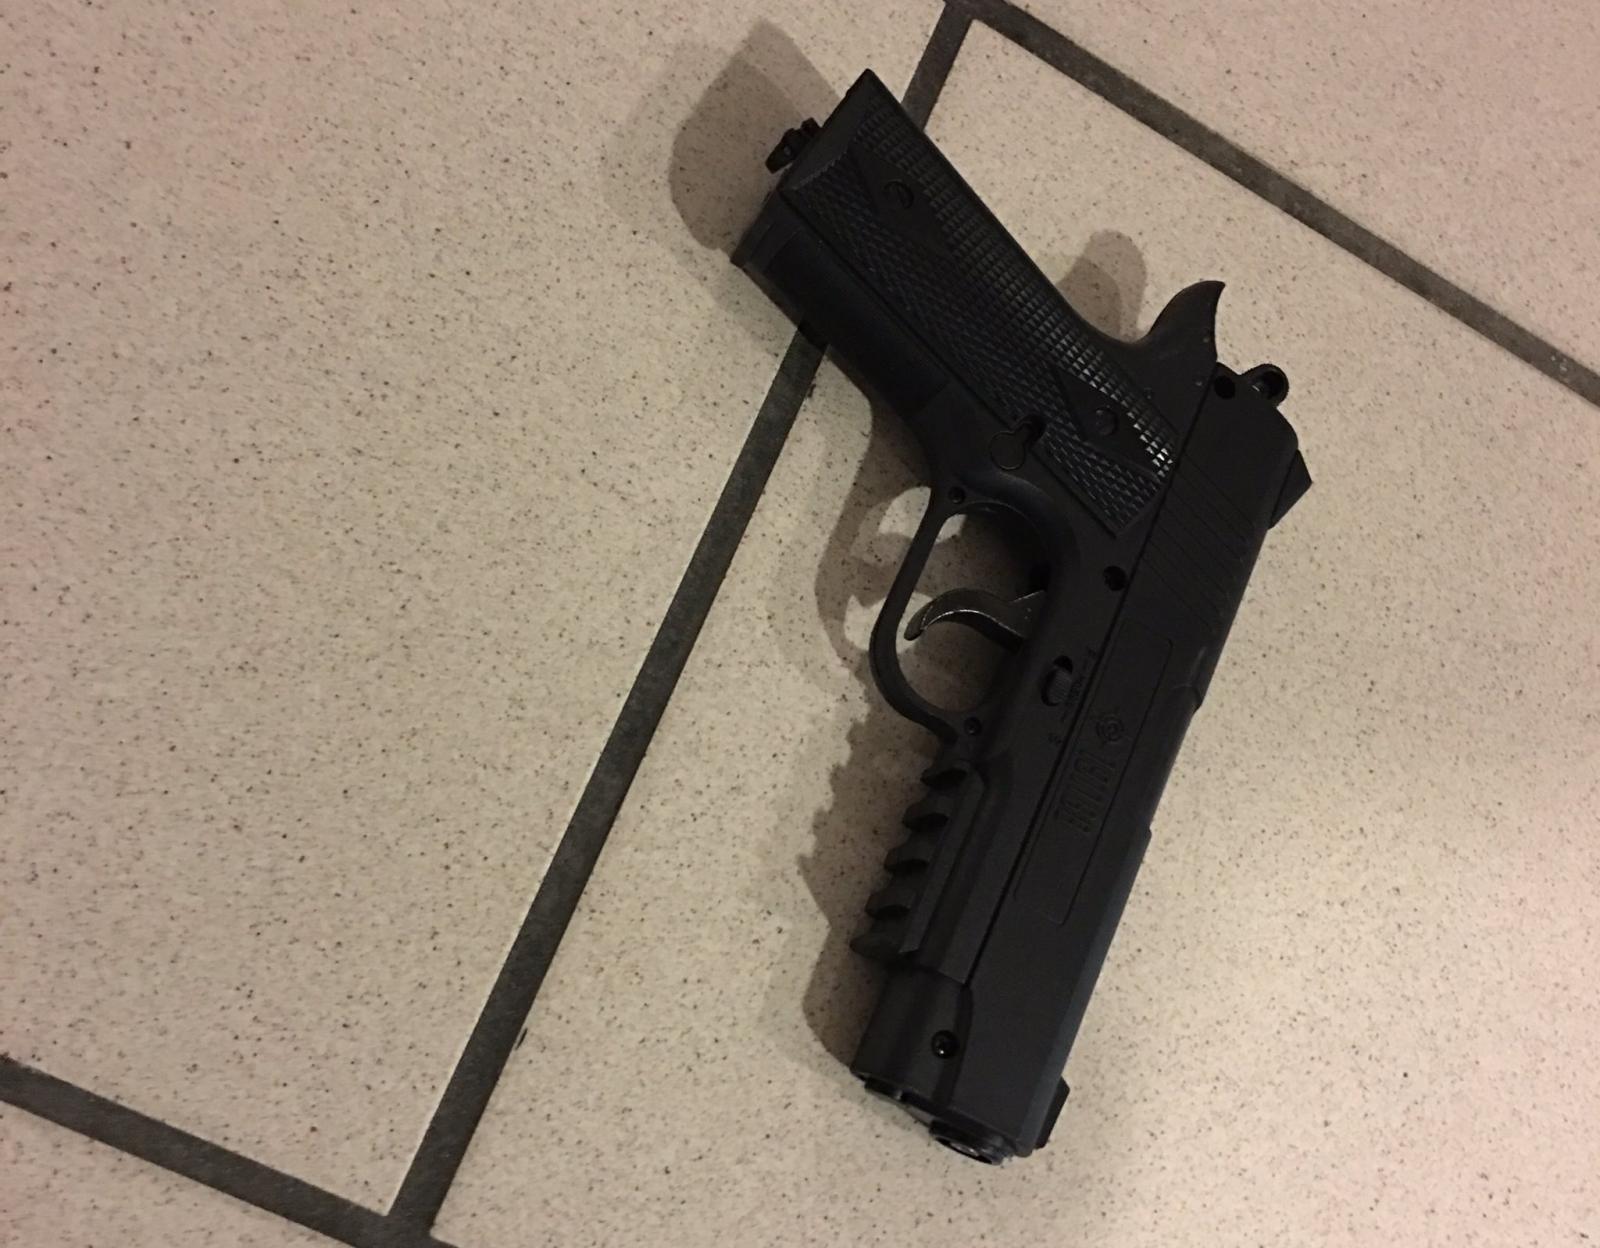 Gunman at Orlando airport